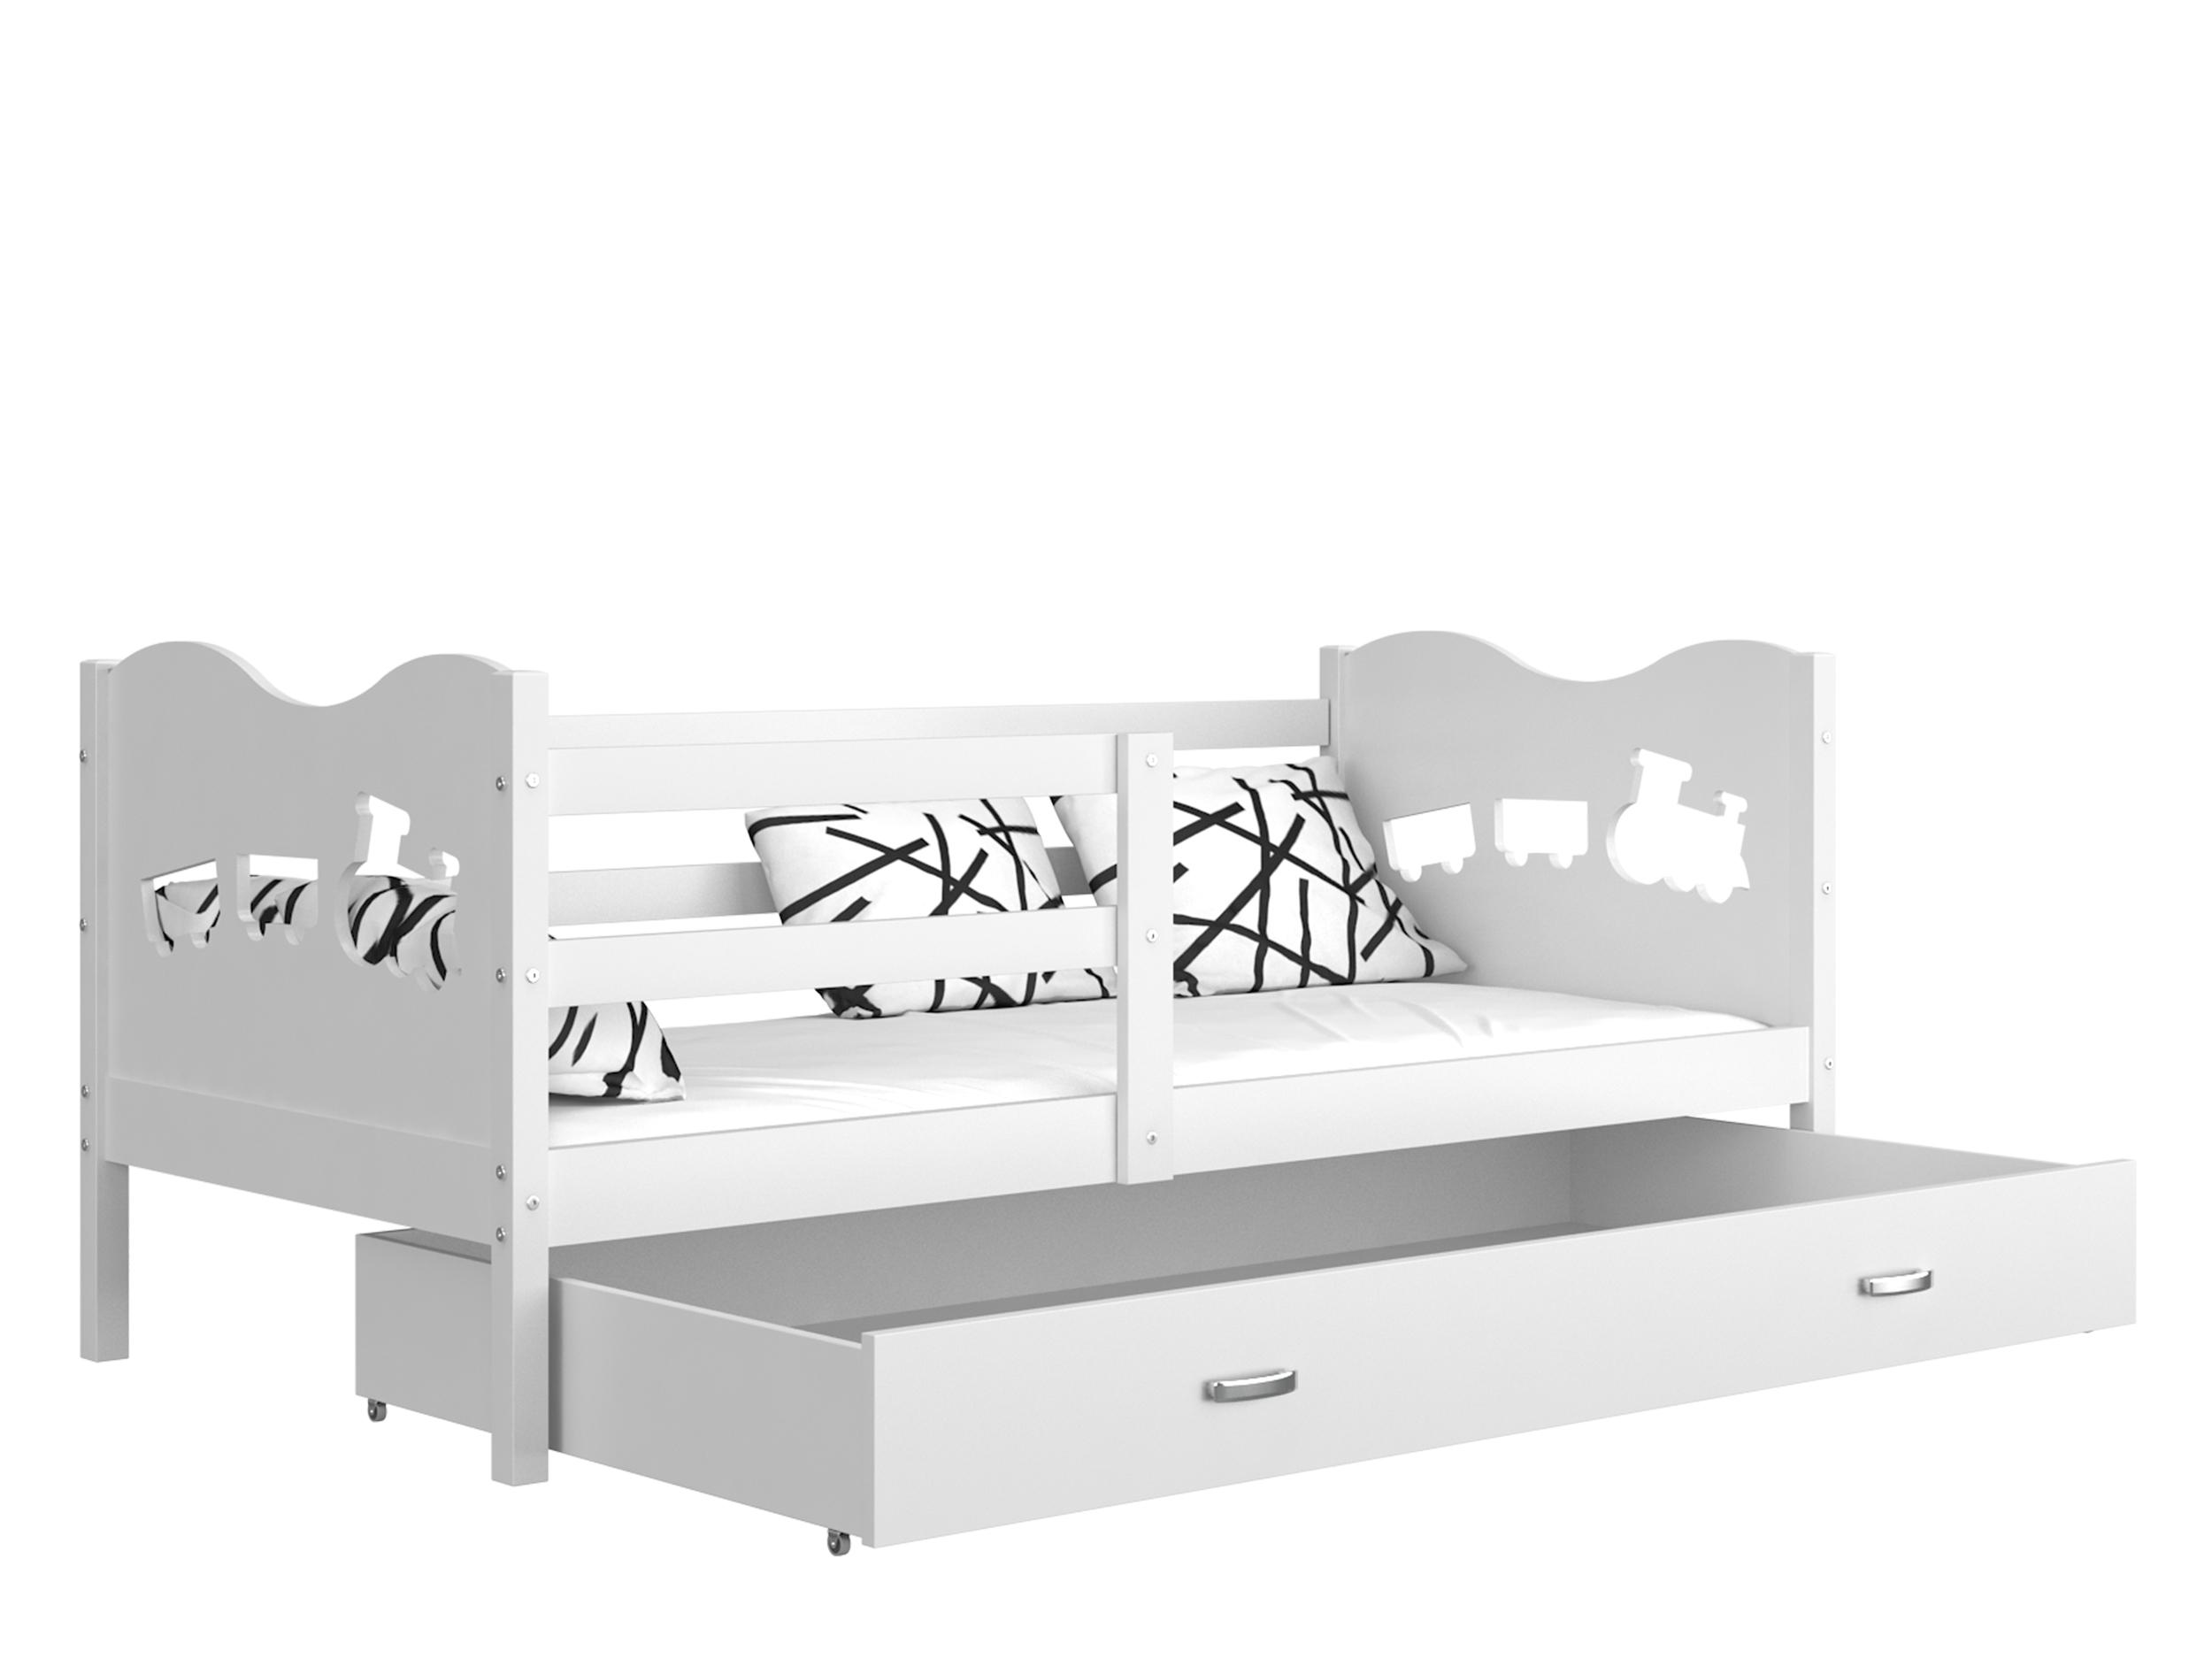 ArtAJ Detská posteľ MAX P / MDF 200 x 90 cm Farba: Biela / biela 200 x 90 cm, Prevedenie: bez matraca